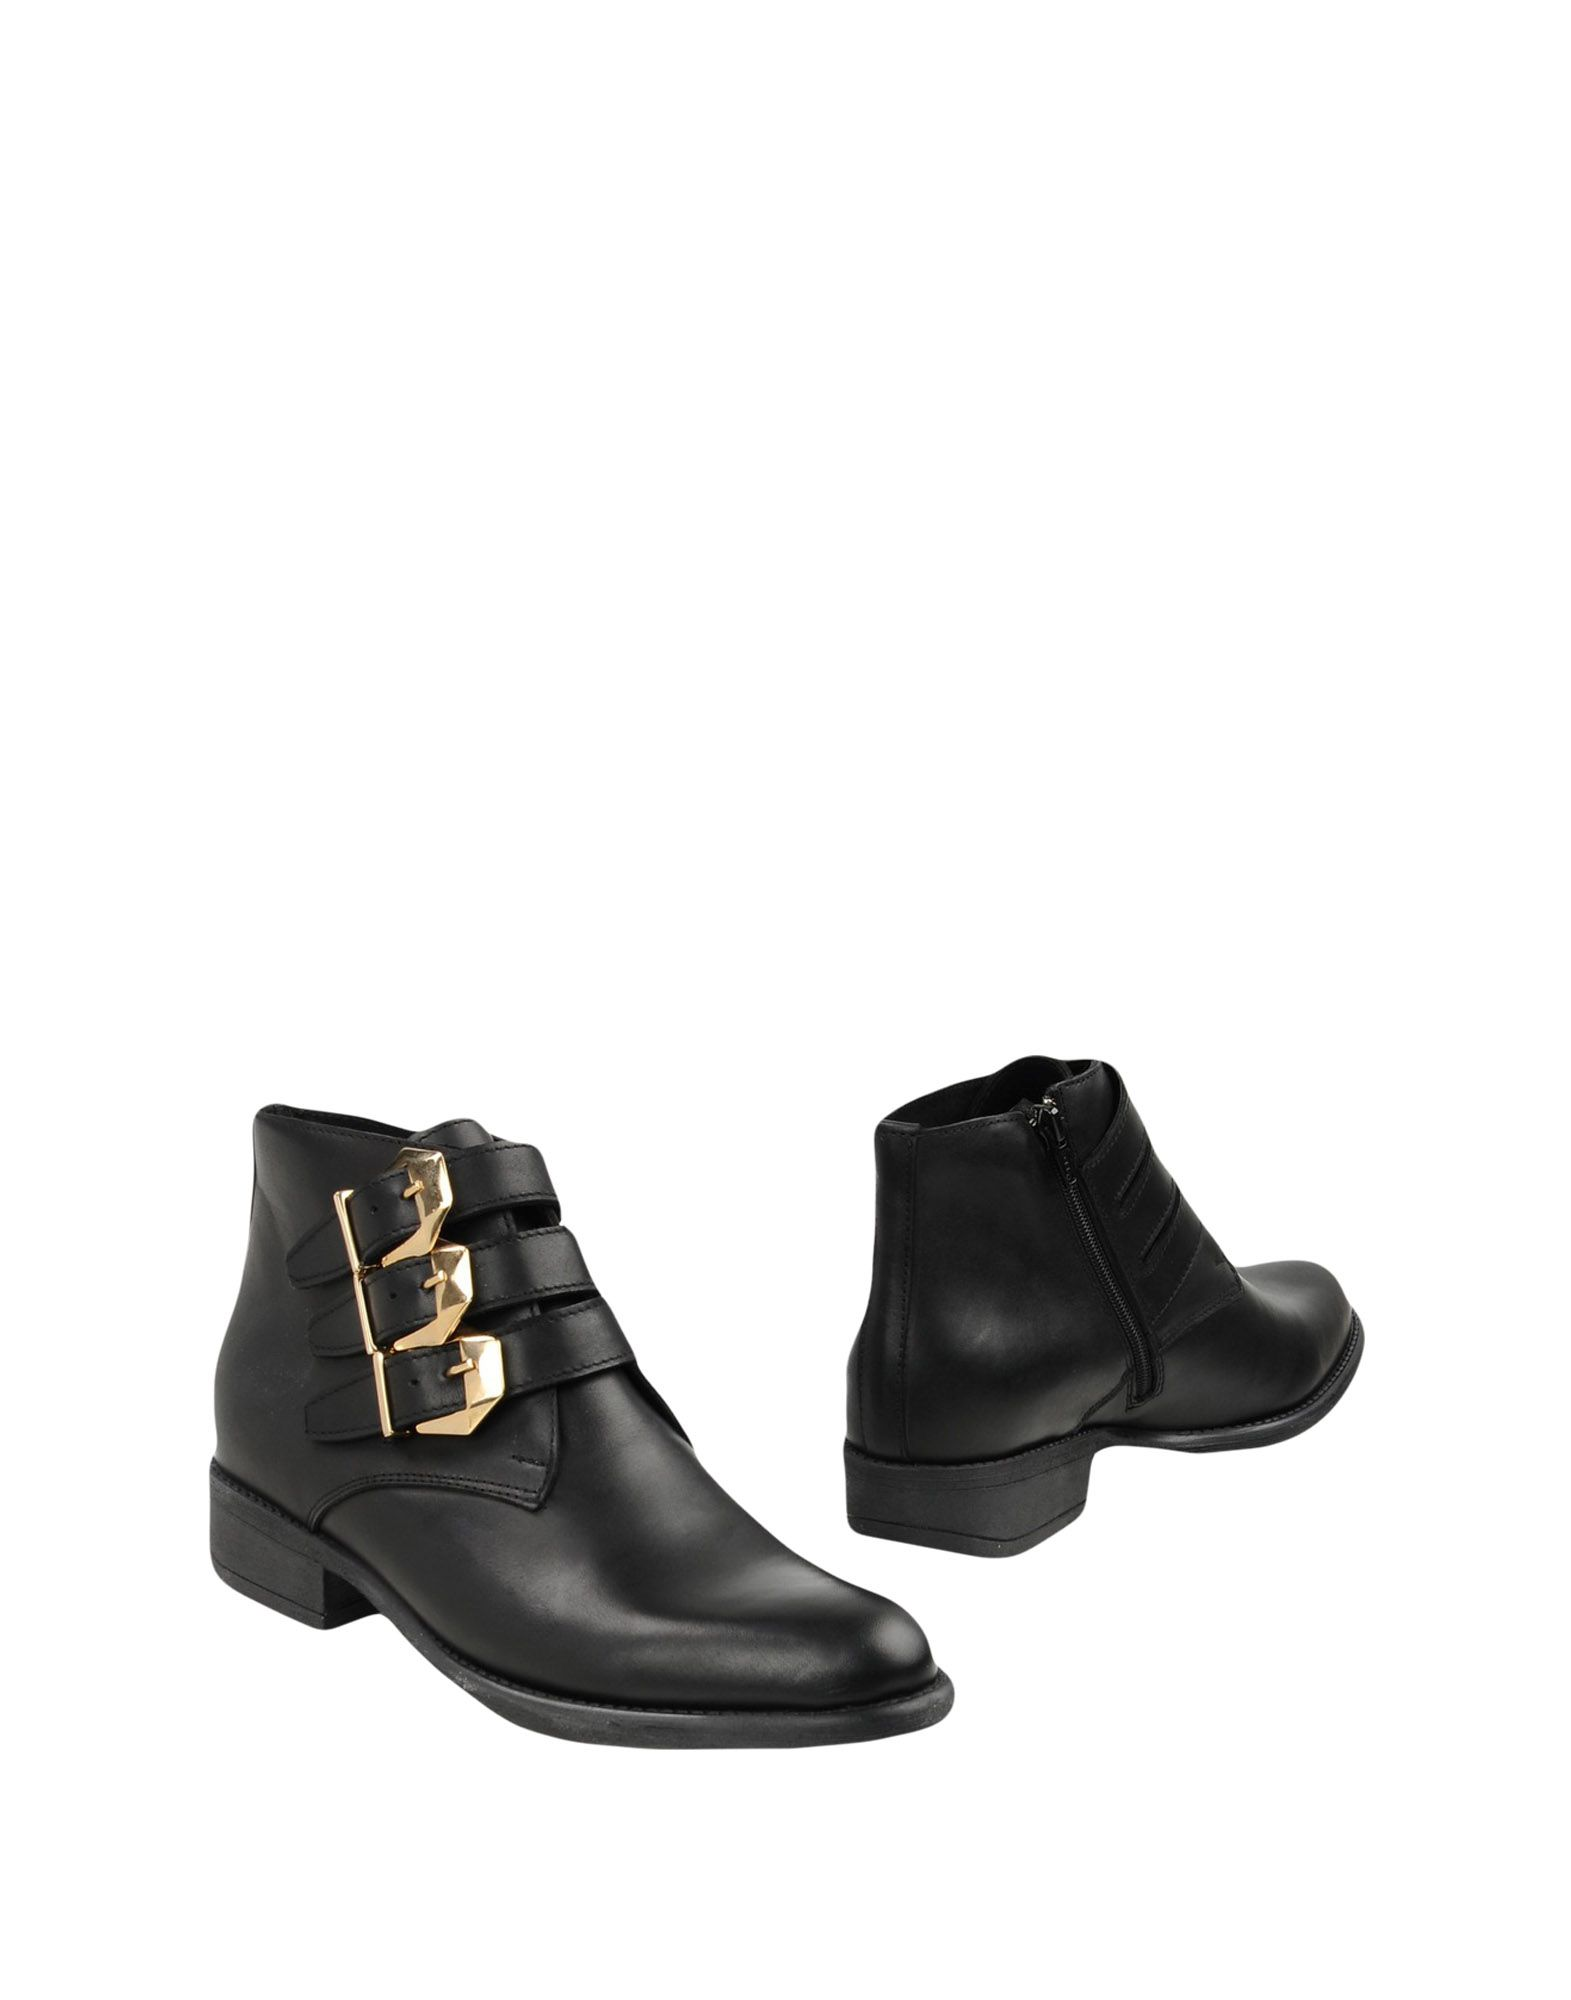 PIERRE DARRÉ Полусапоги и высокие ботинки pierre hardy полусапоги и высокие ботинки